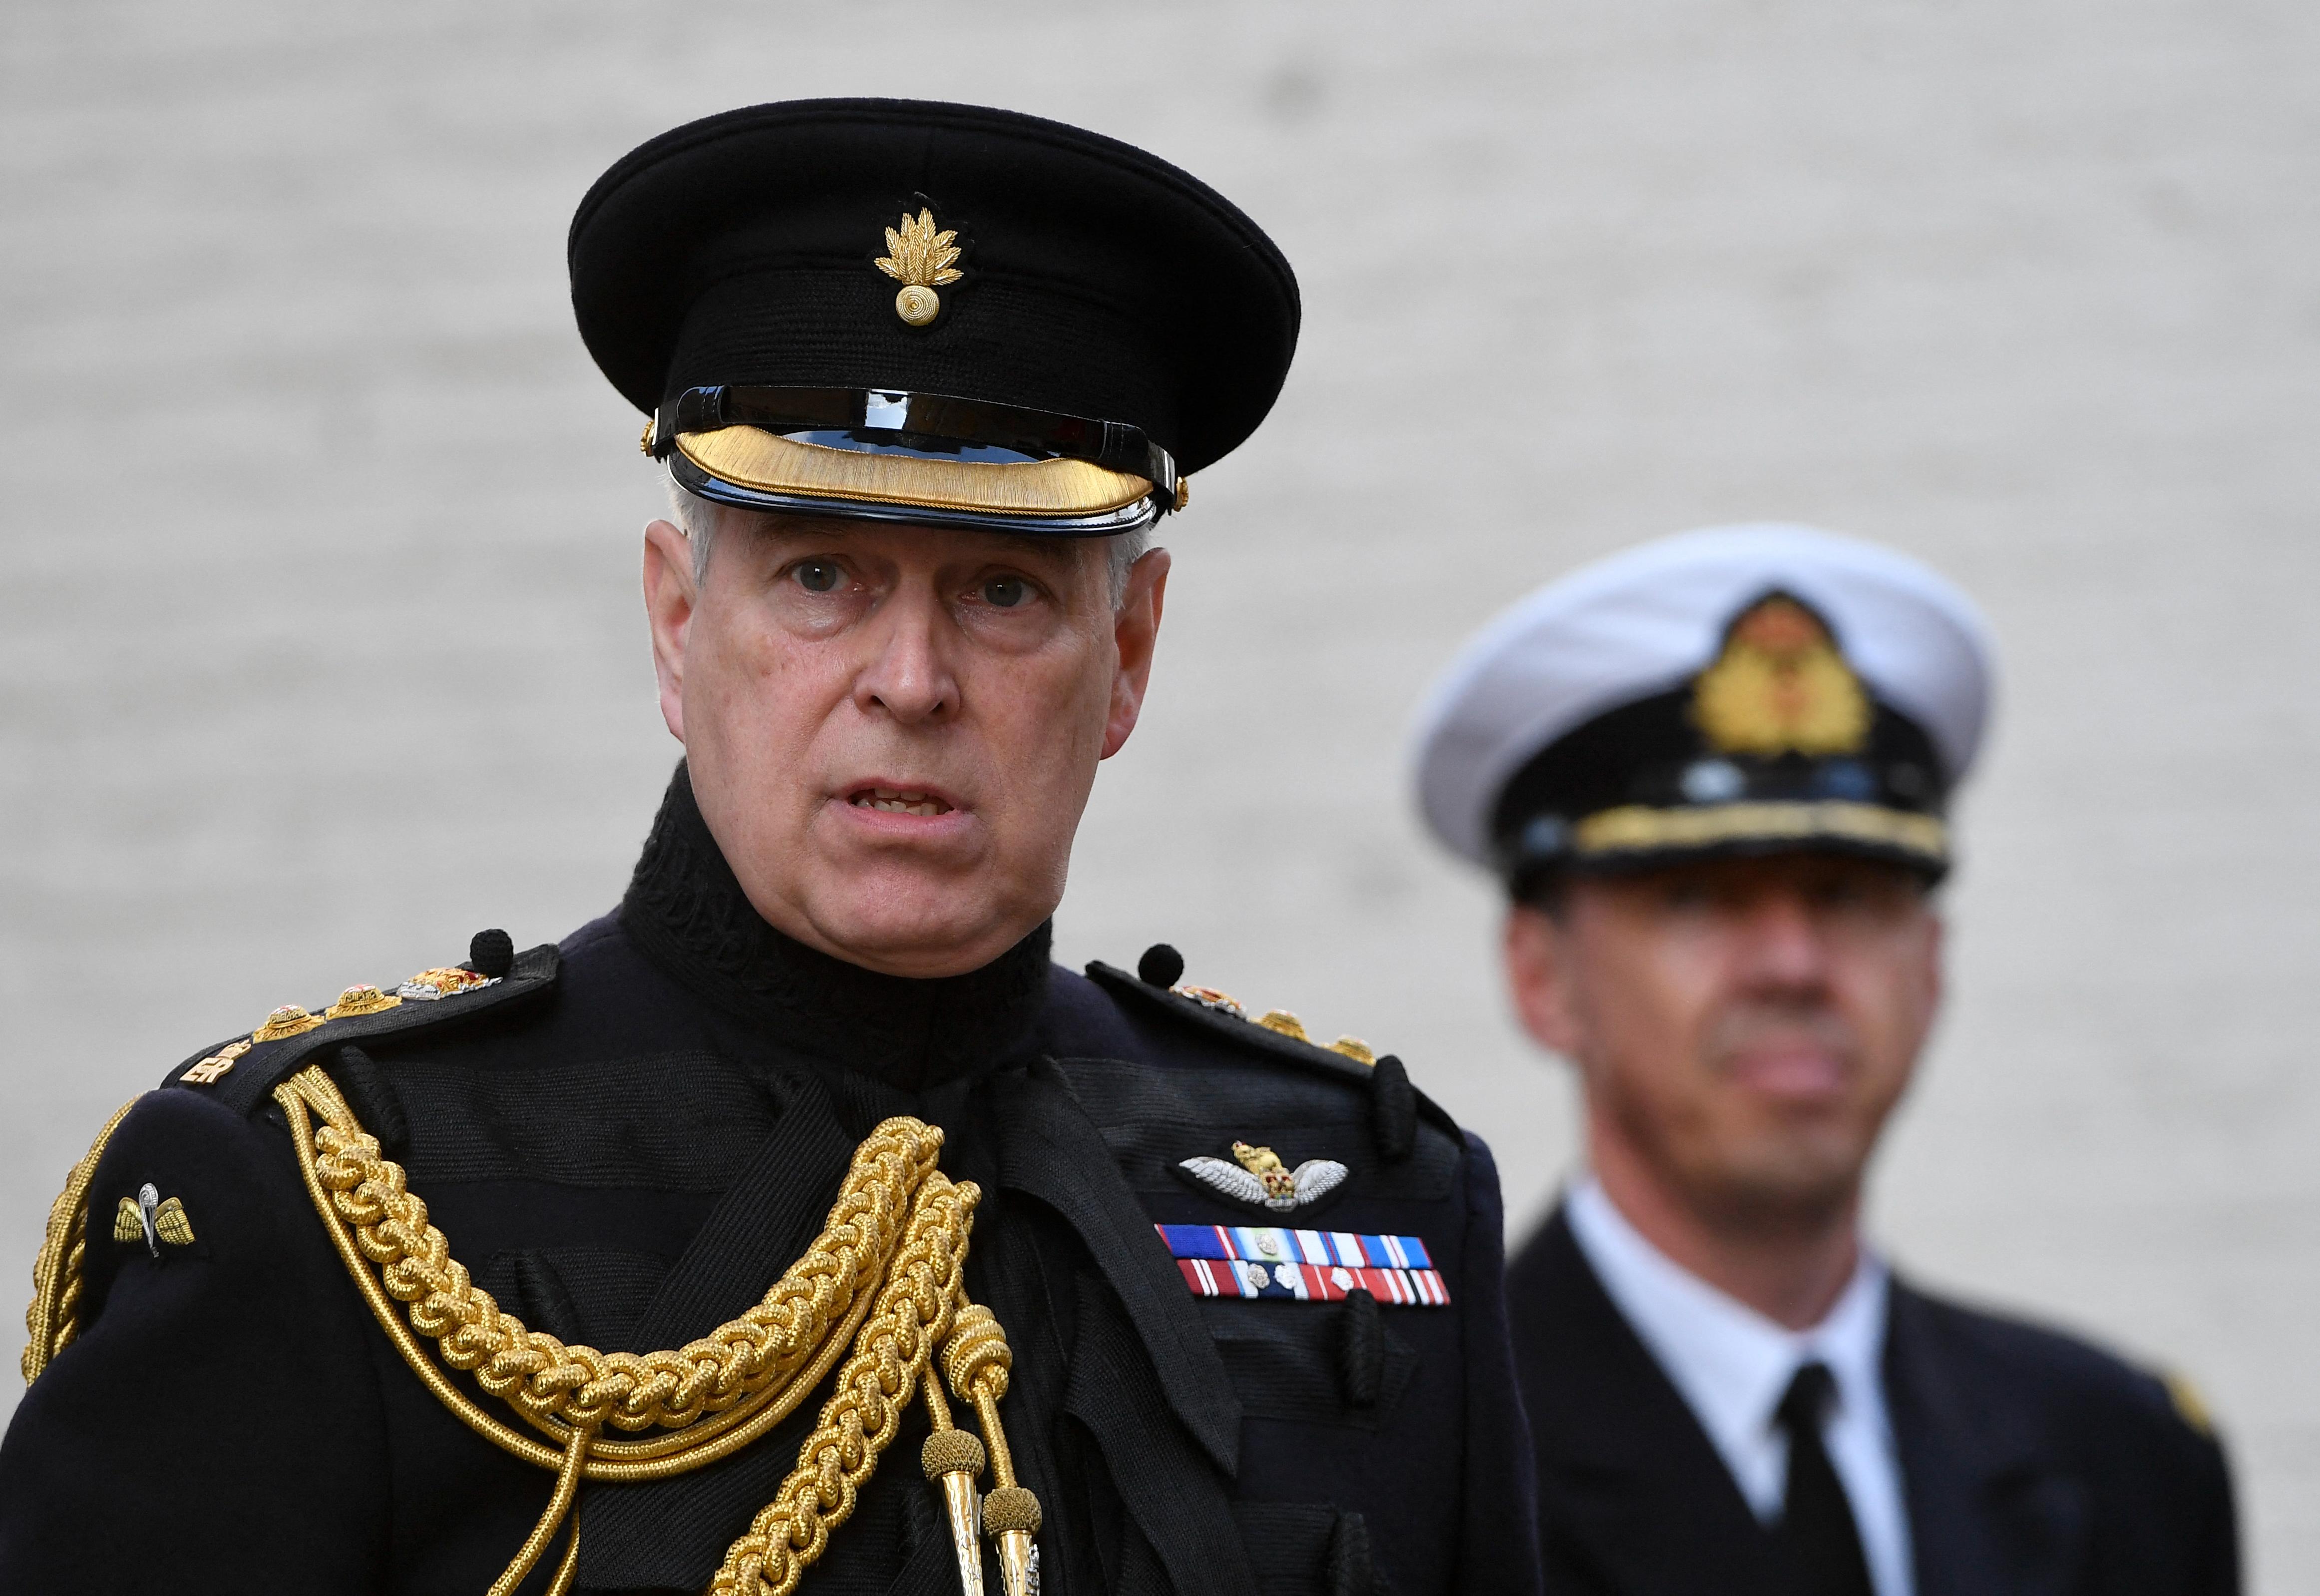 Ügyvédje alaptalannak nevezte az András herceg ellen felhozott vádakat